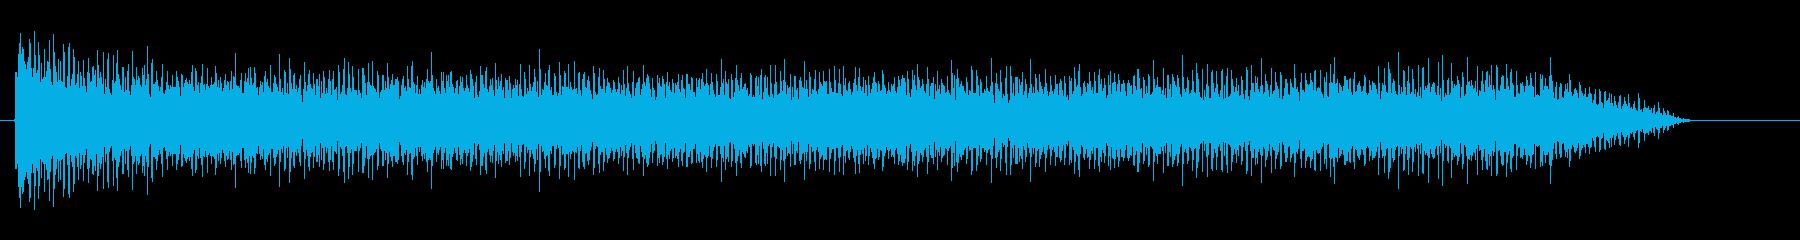 スチームパンクな飛行音、エンジン音の再生済みの波形